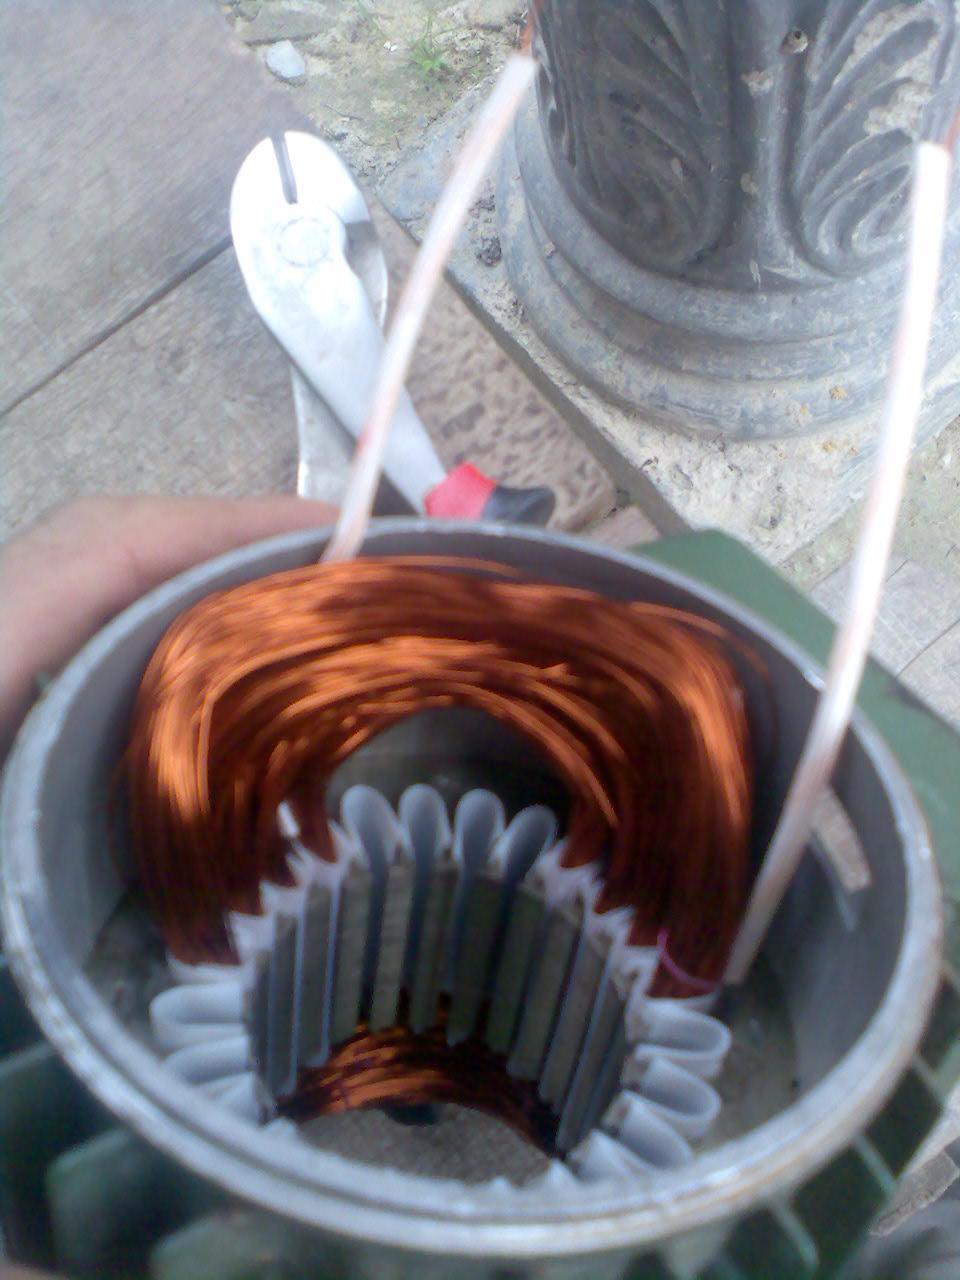 Cara Memperbaiki Pompa Air Yang Rusak Cara Memperbaiki